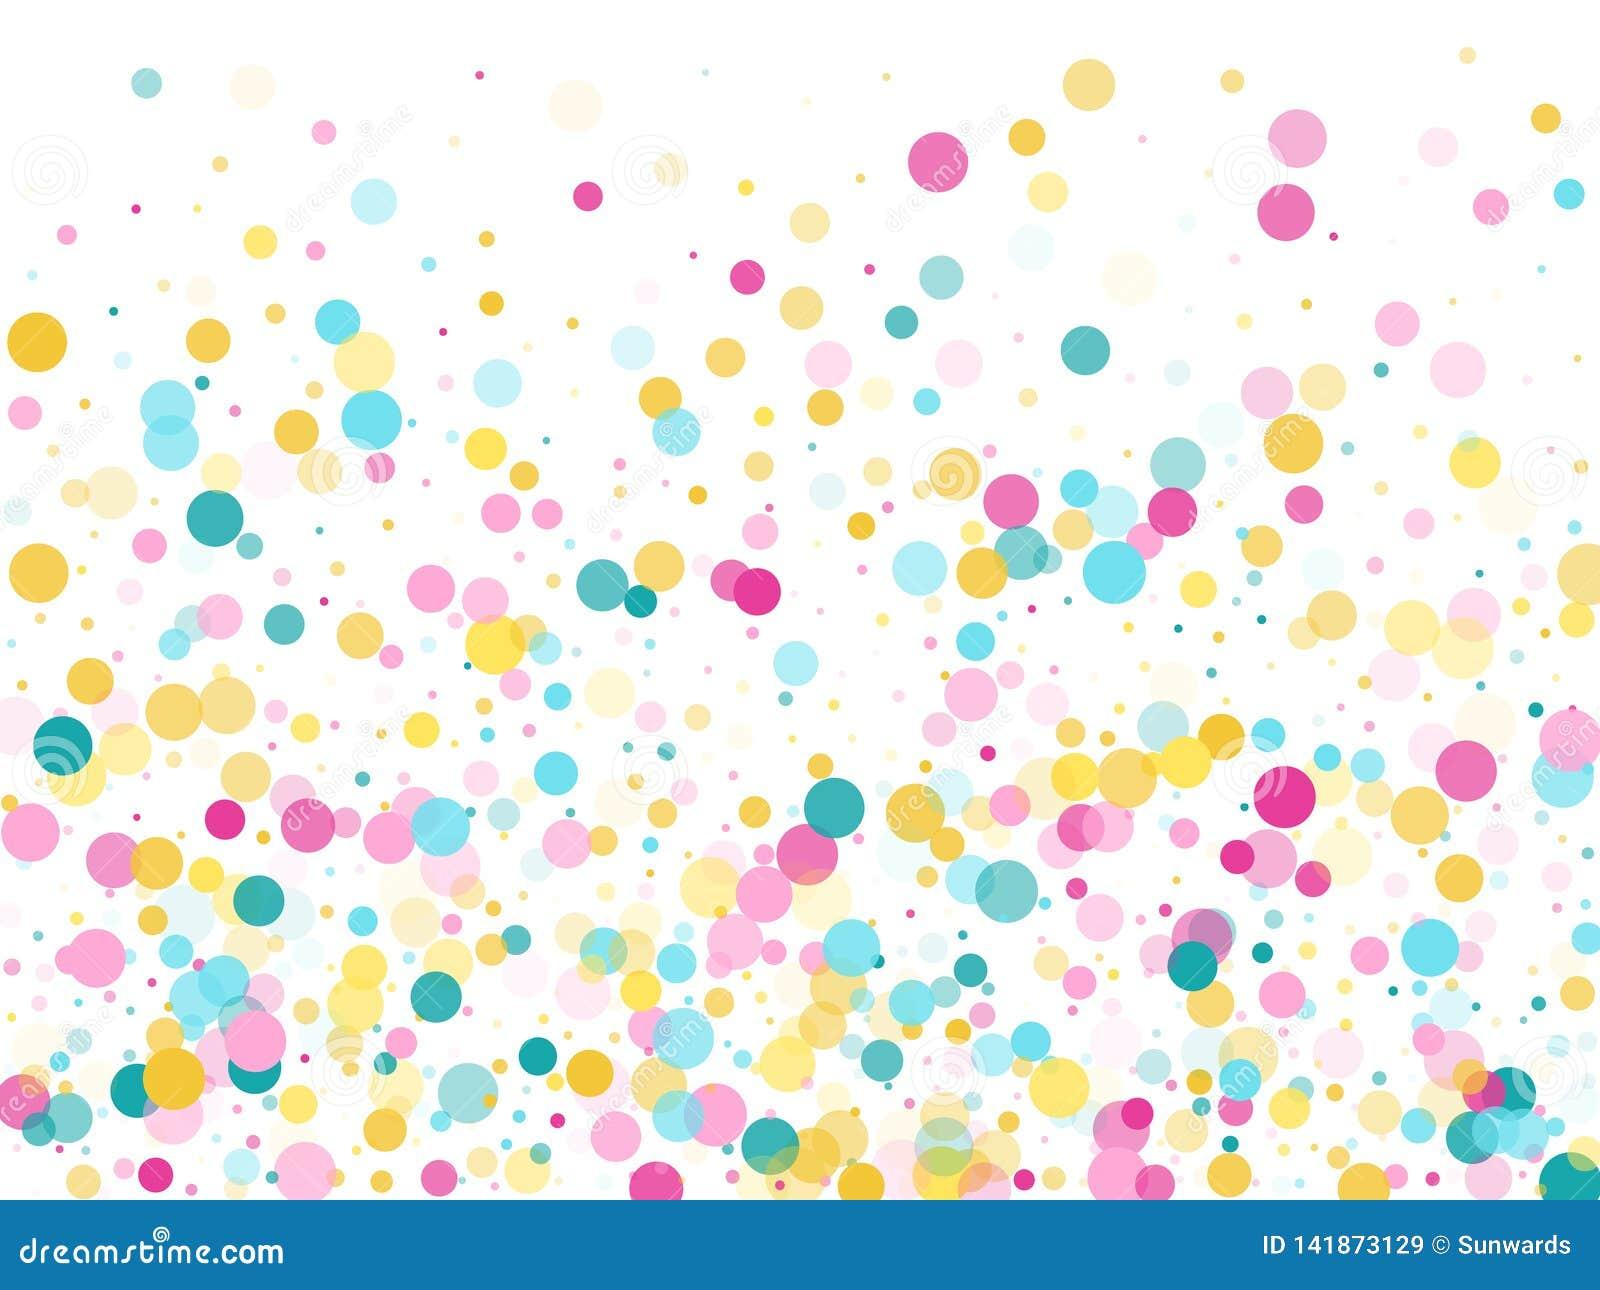 Memphis round confetti świąteczny tło w cyan błękicie, menchiach i kolorze żółtym, Dziecięcy deseniowy wektor